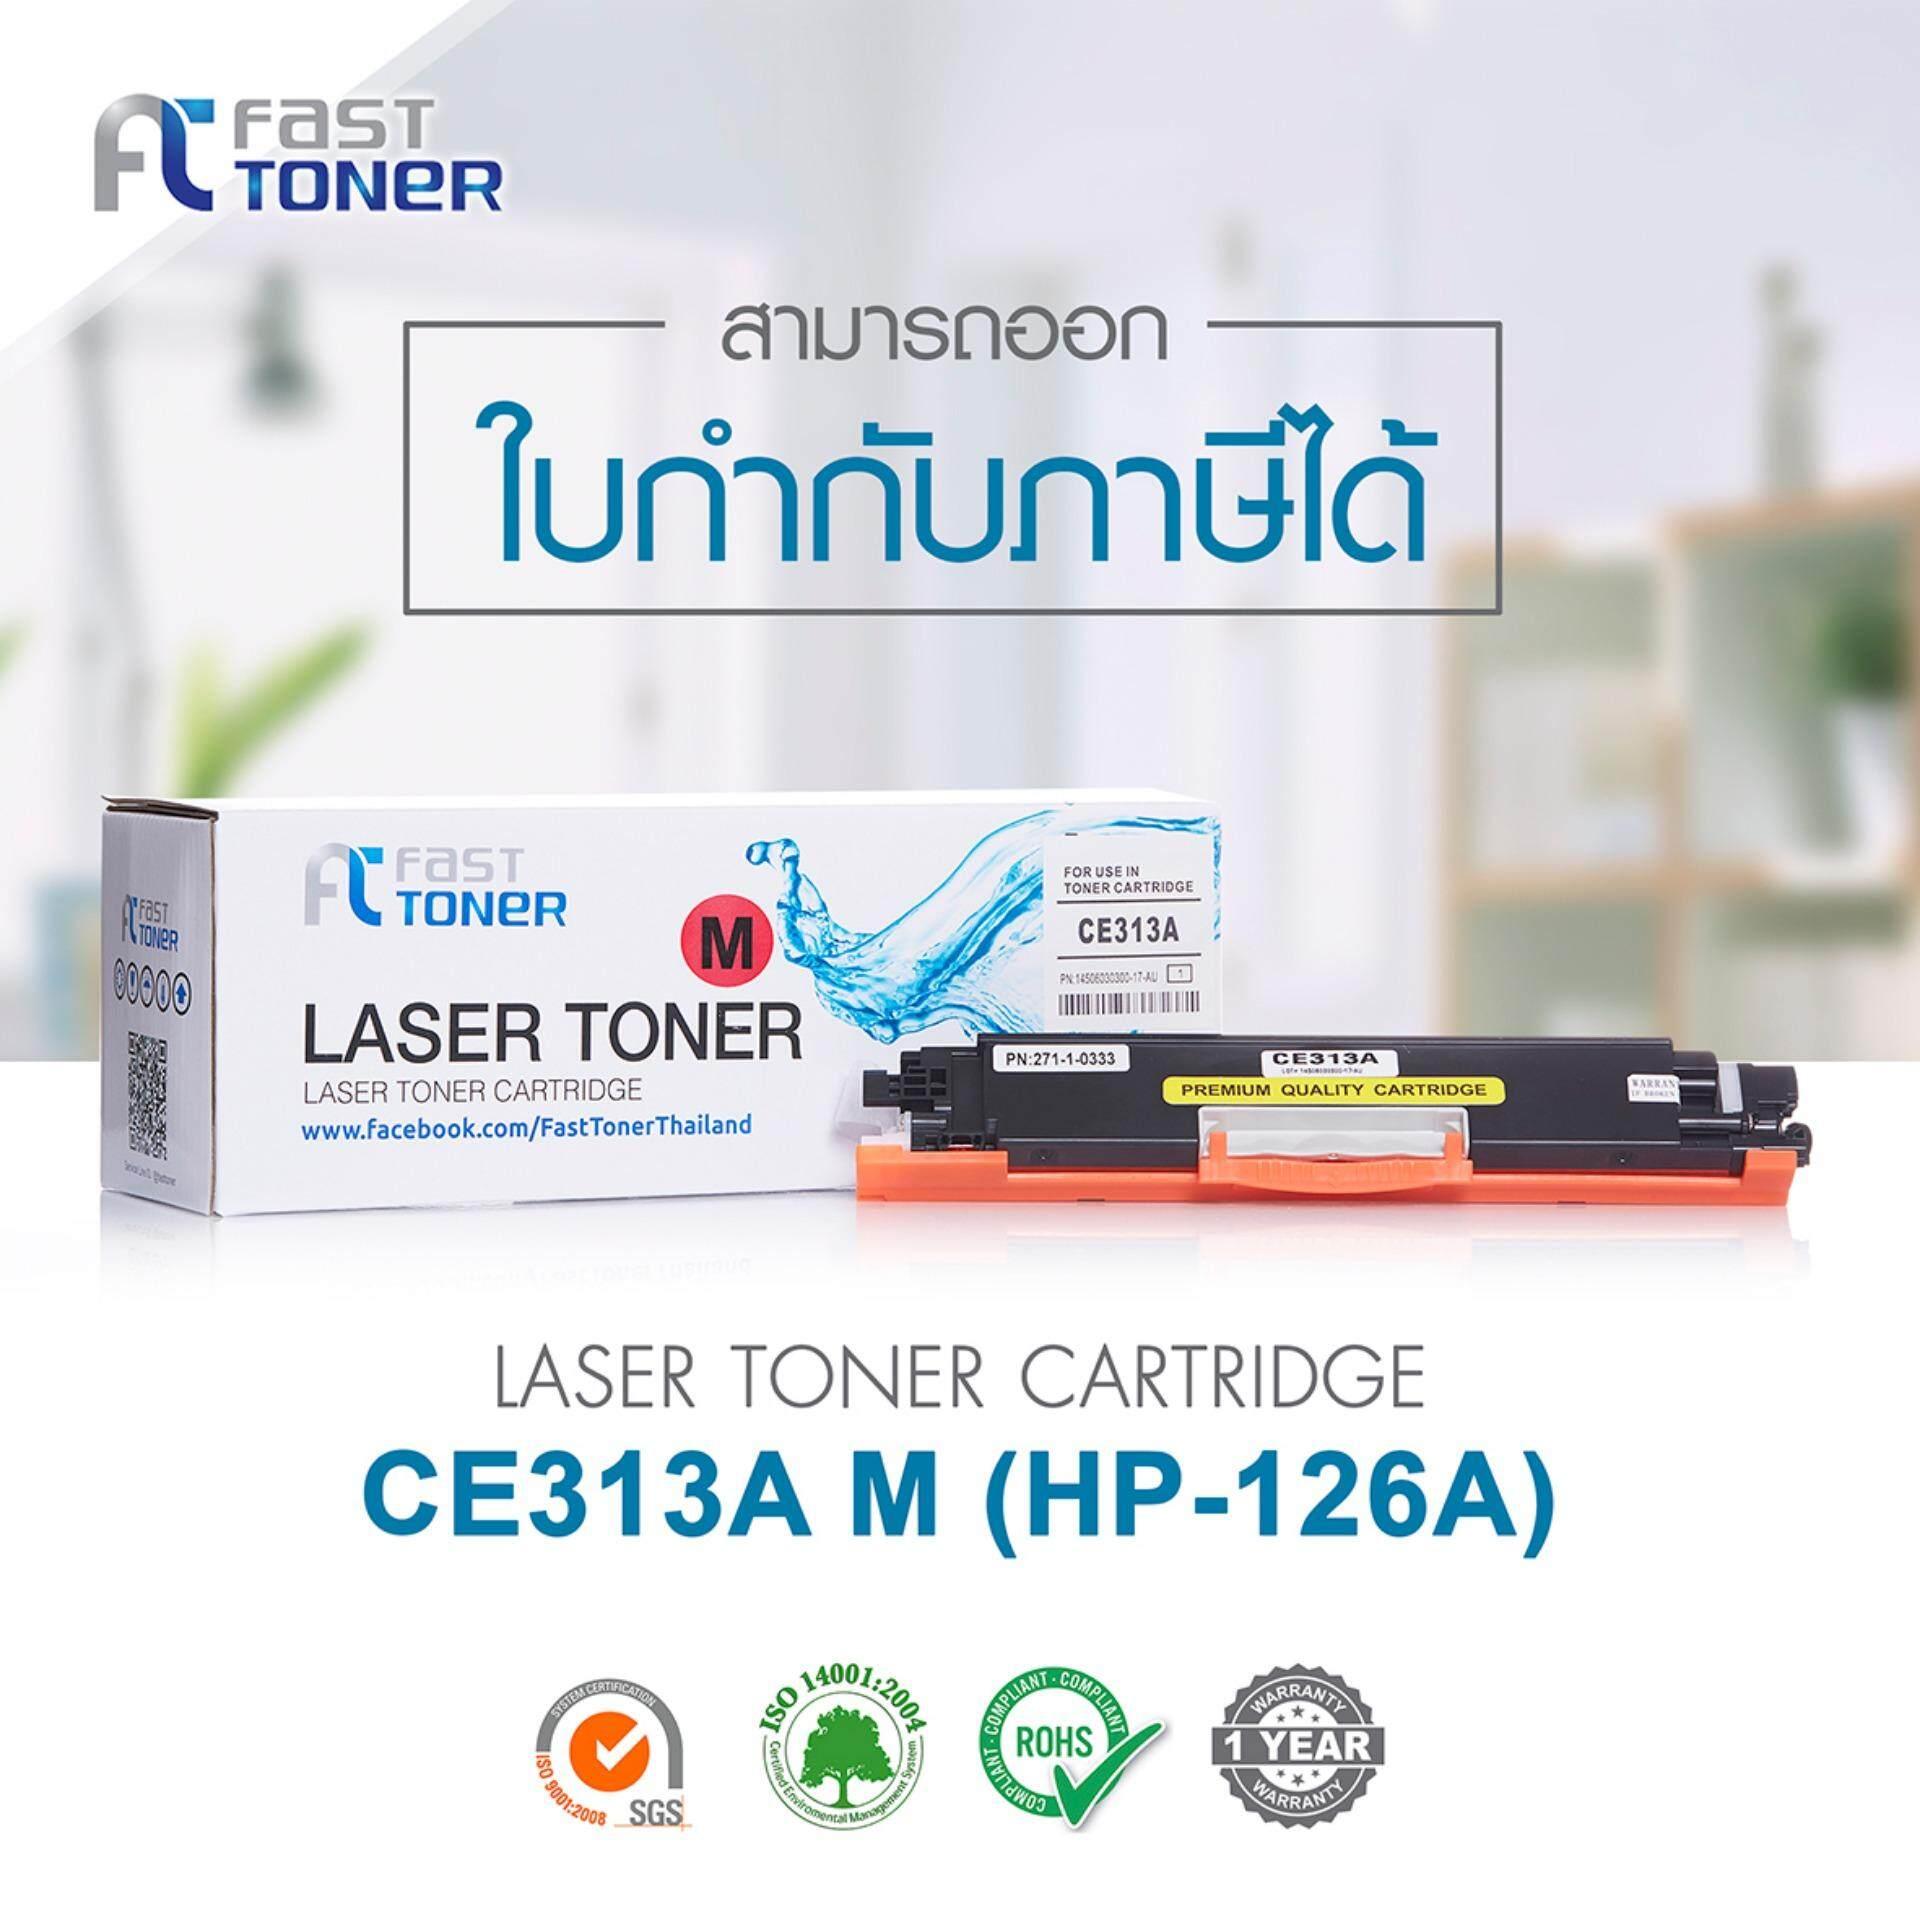 ซื้อ Fast Toner Hp ตลับหมึกเทียบเท่า Hp 131A รุ่น Cf213A แดง สำหรับเครื่องปริ้นเตอร์ รุ่น Hp Laserjet Pro 200 M251 M276 M276N ใน กรุงเทพมหานคร